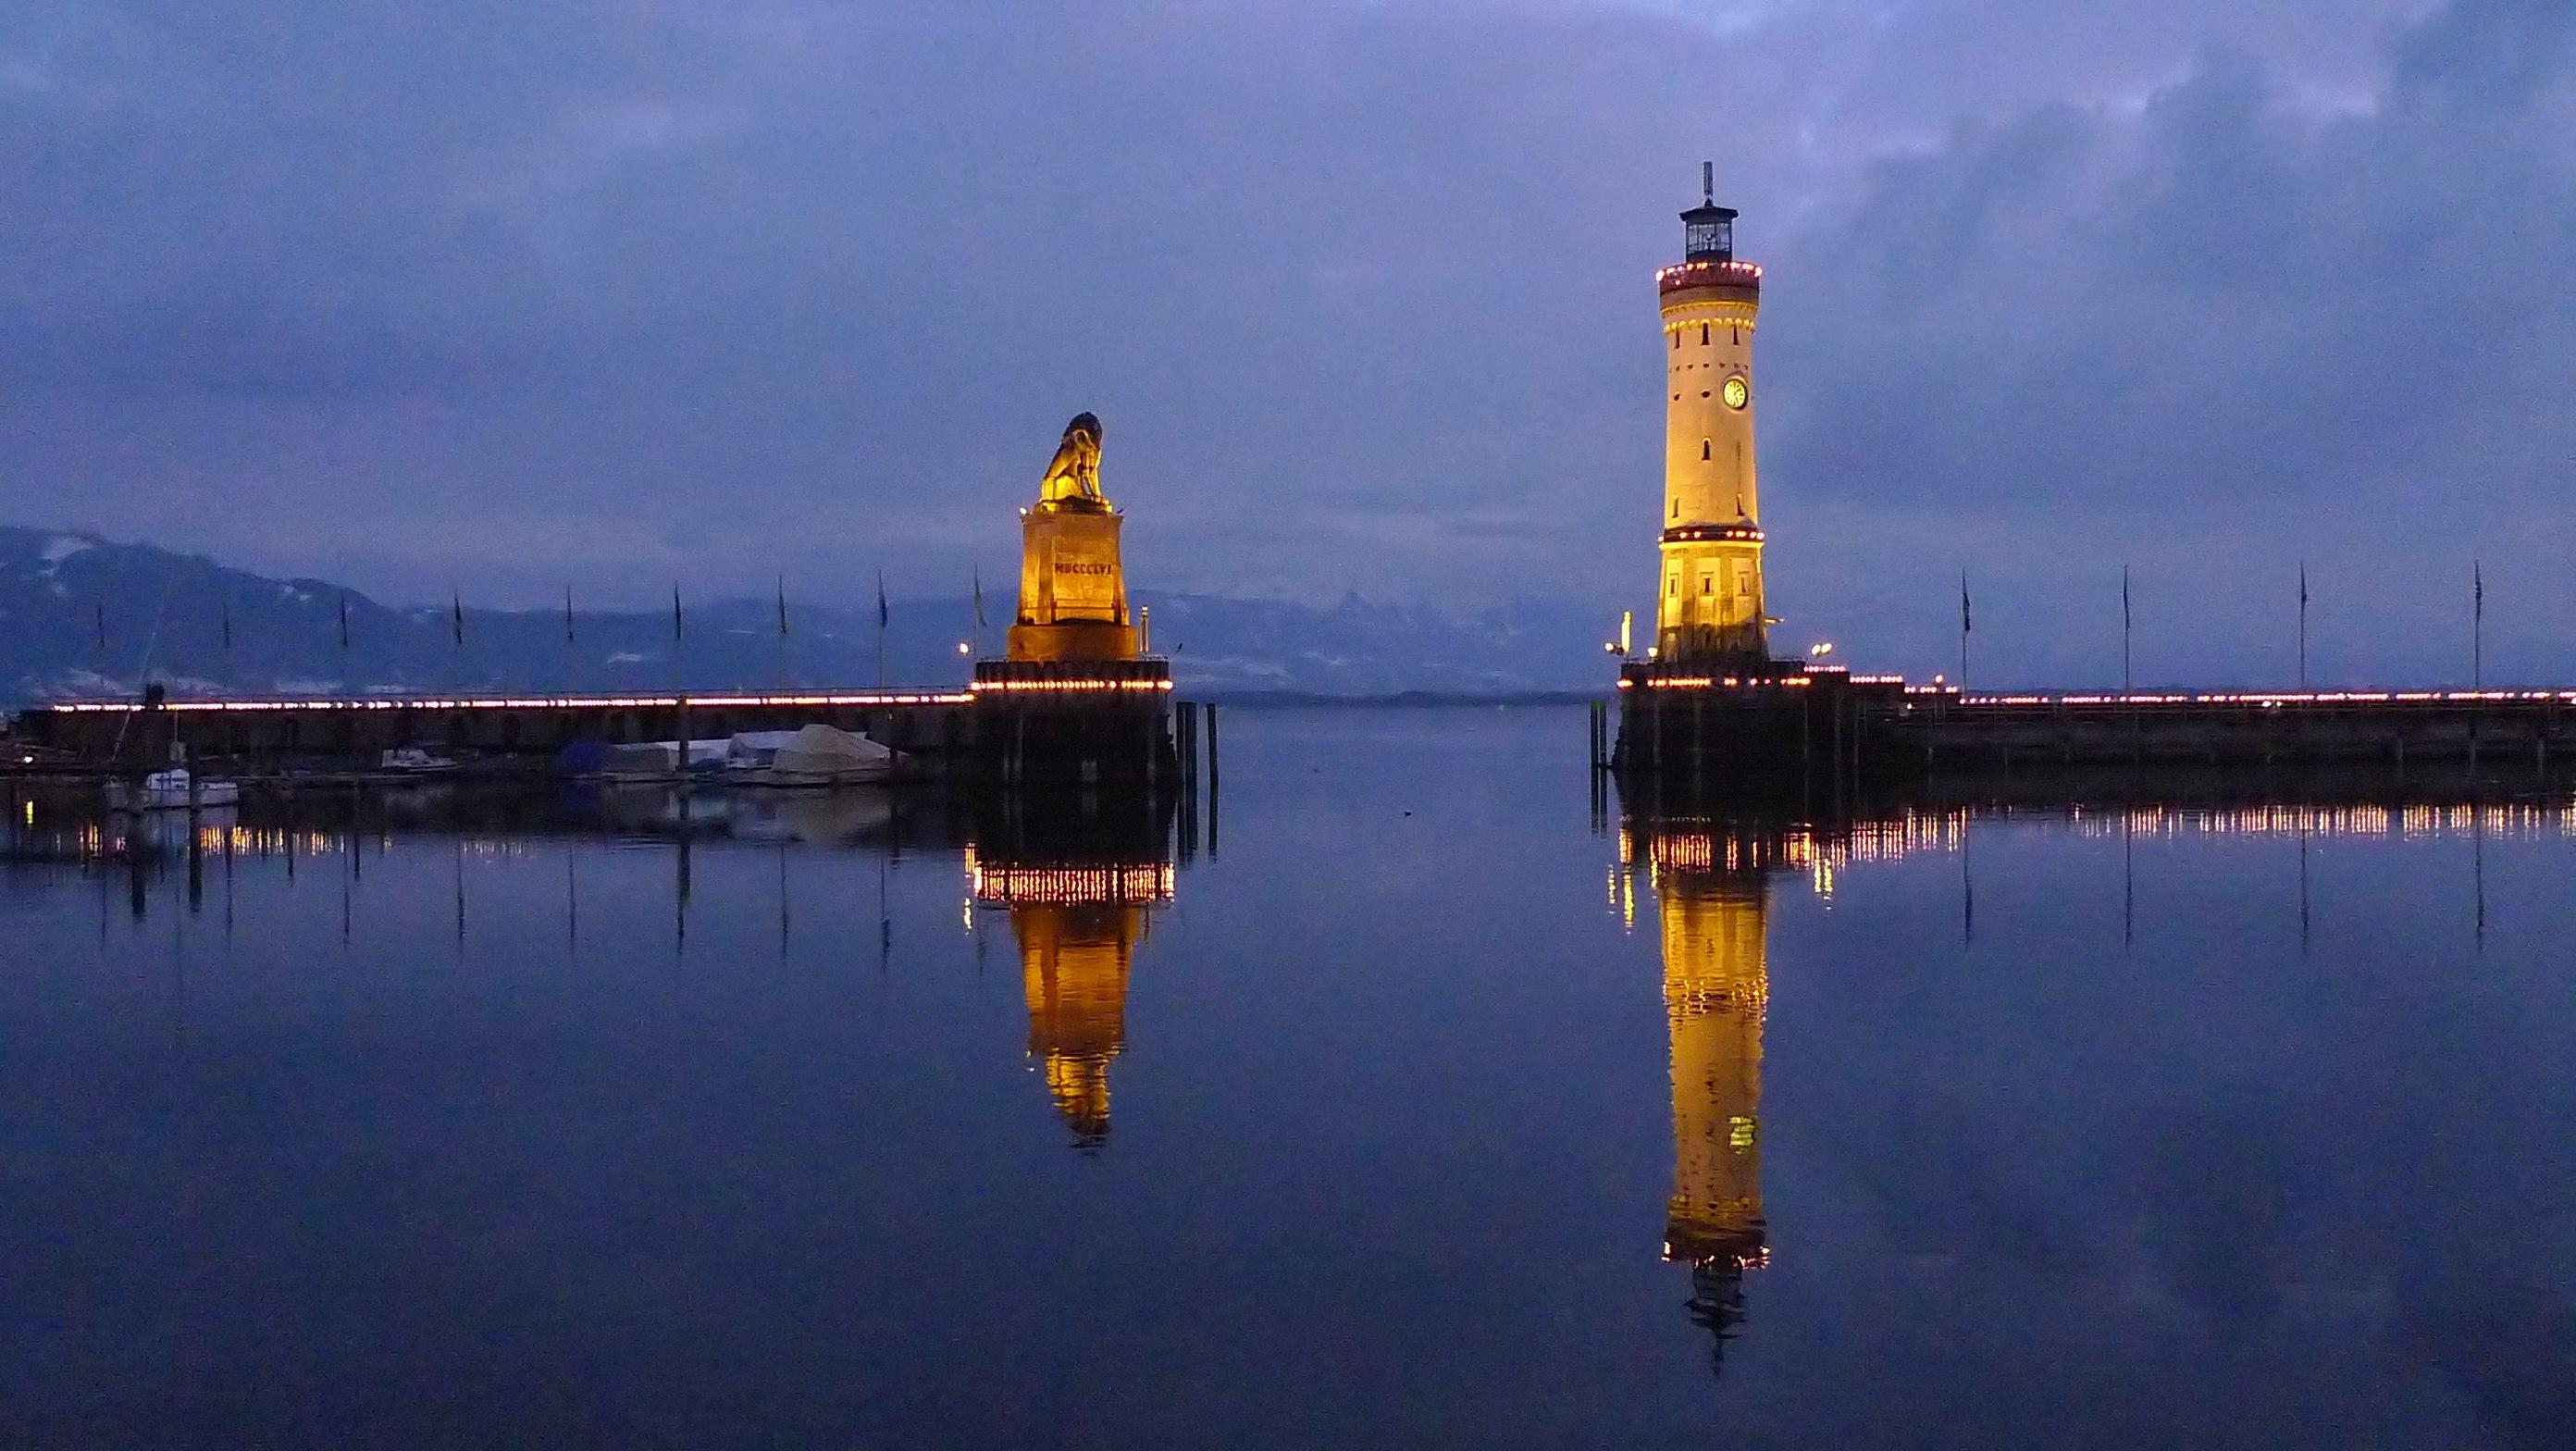 FileLindau Hafeneinfahrt im Winter 2 filteredtif